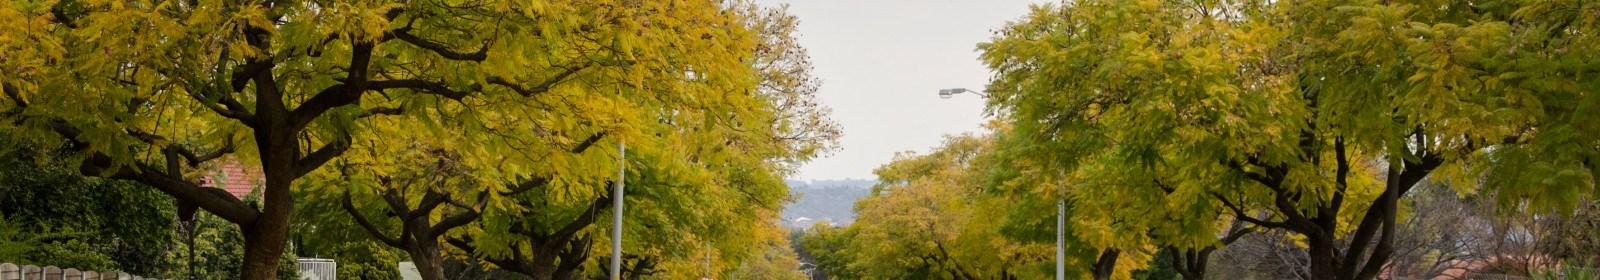 Suburb focus on Villieria, Pretoria